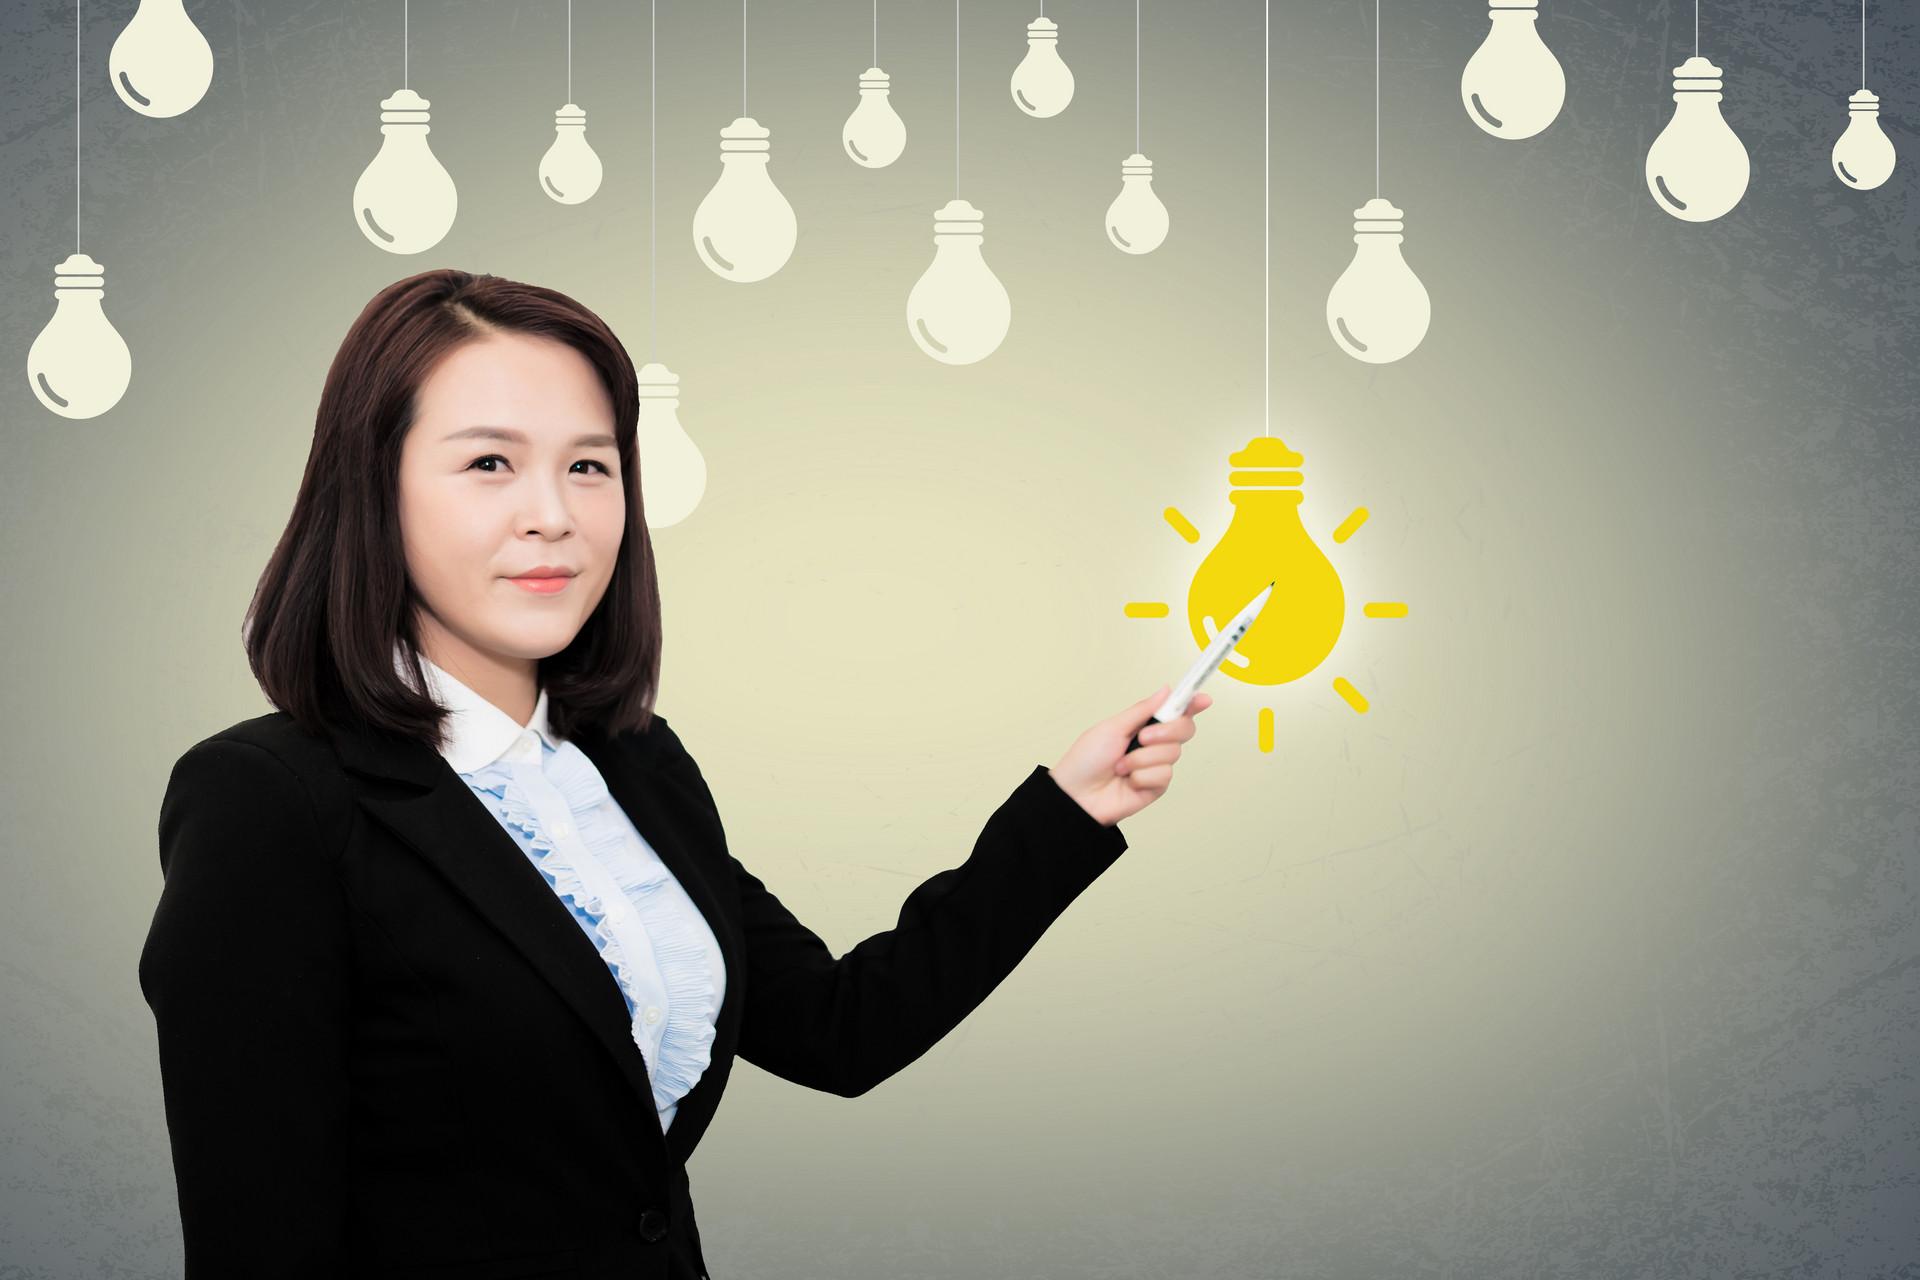 聪明人必备的思维:学会减法思维,你的人生才能活得更智慧与通透